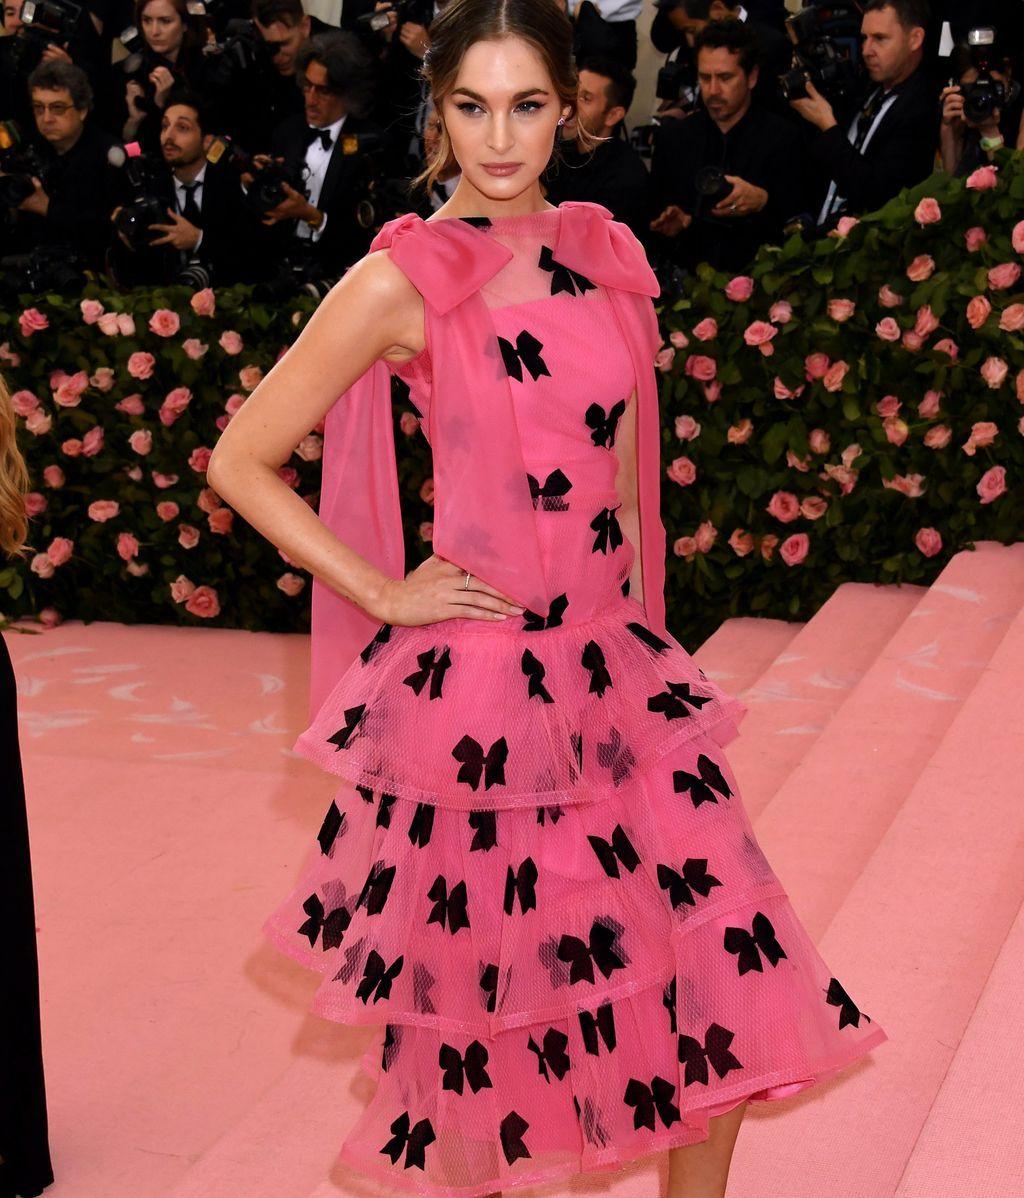 La modelo Laura Love con un desconcertante vestido rosa con lacitos